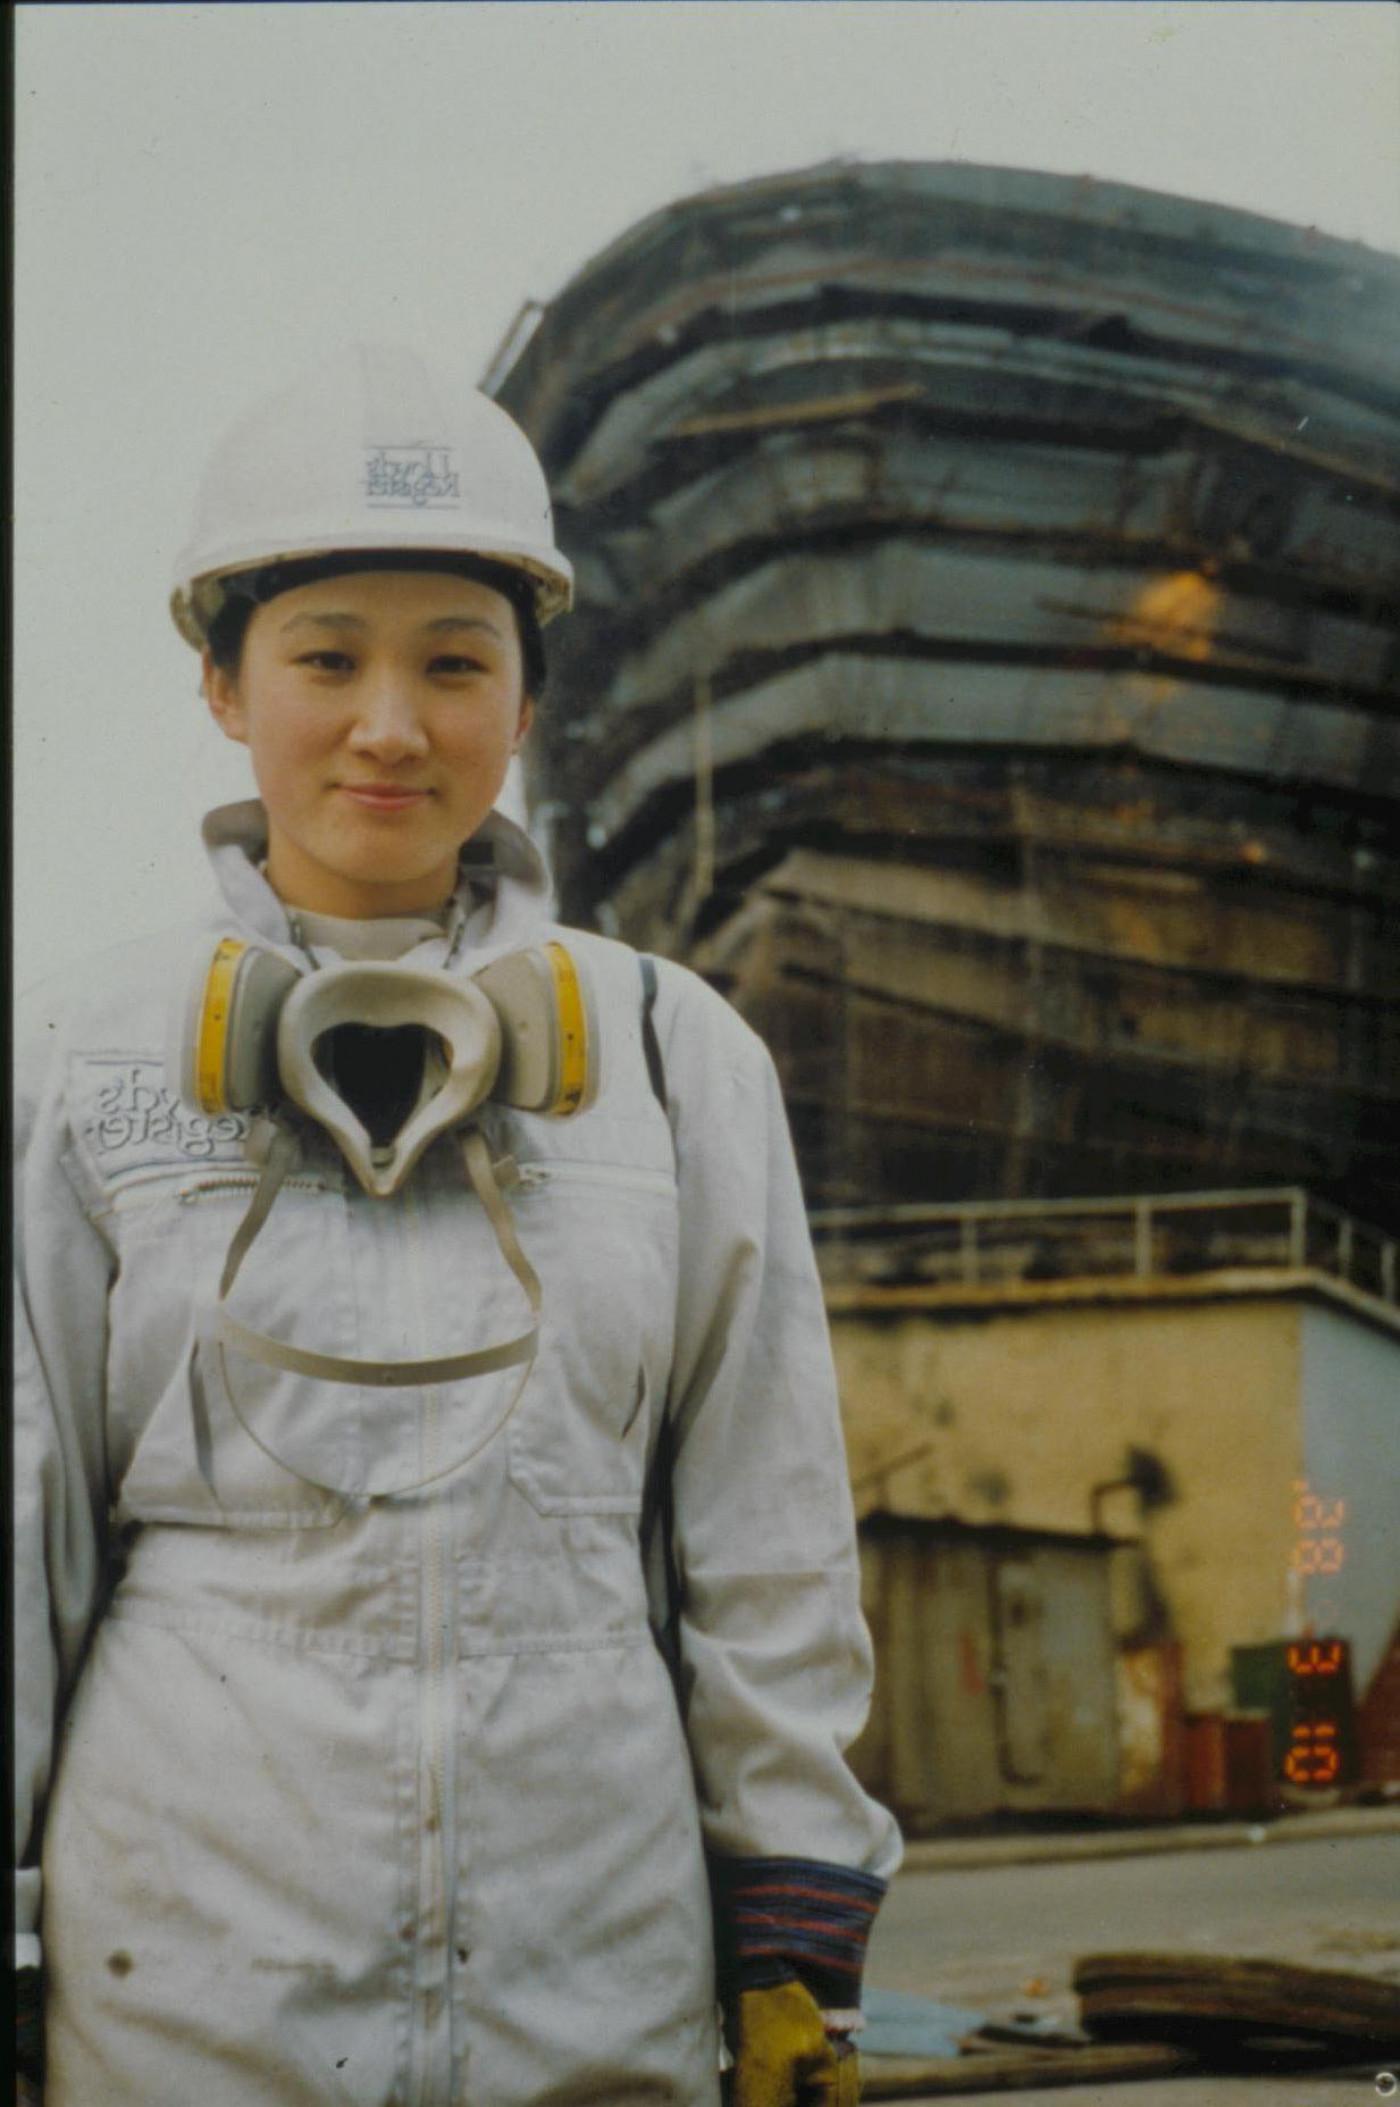 Li-Rhong Zhou, Dalian Shipyard 2001